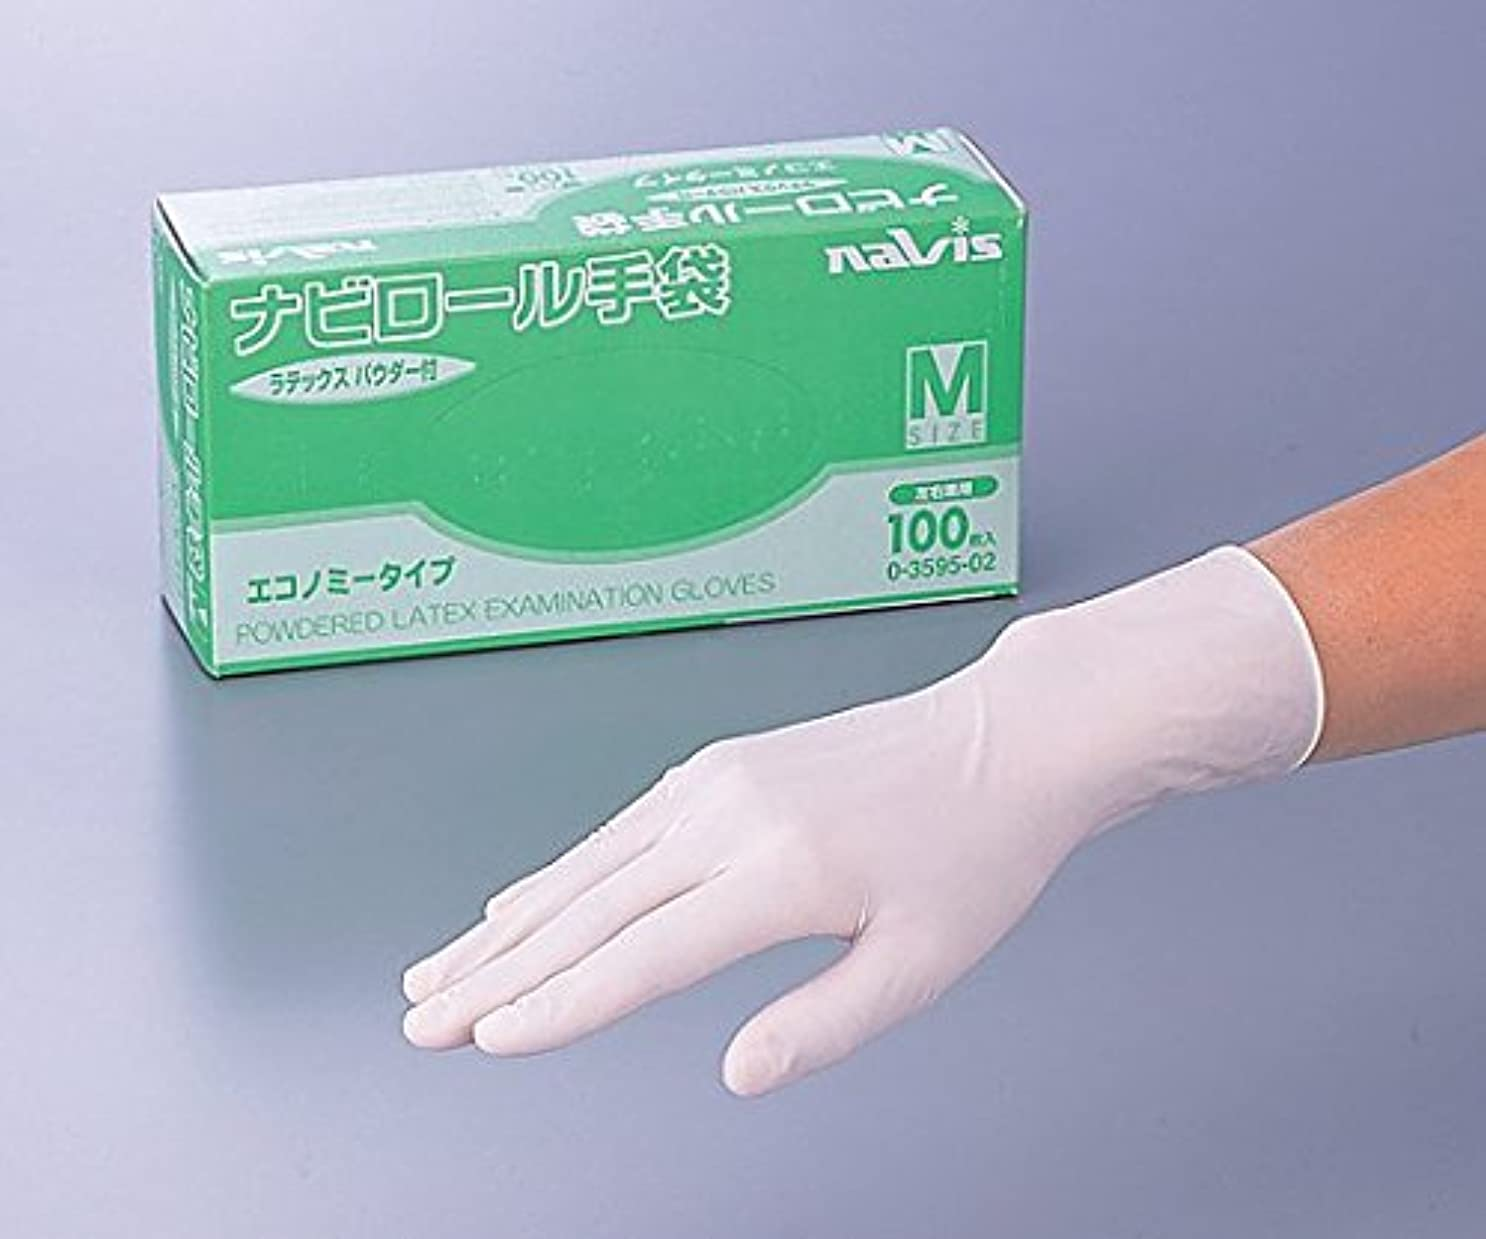 分泌する検出可能ライターアズワン0-3595-03ナビロール手袋(エコノミータイプ?パウダー付)S100枚入